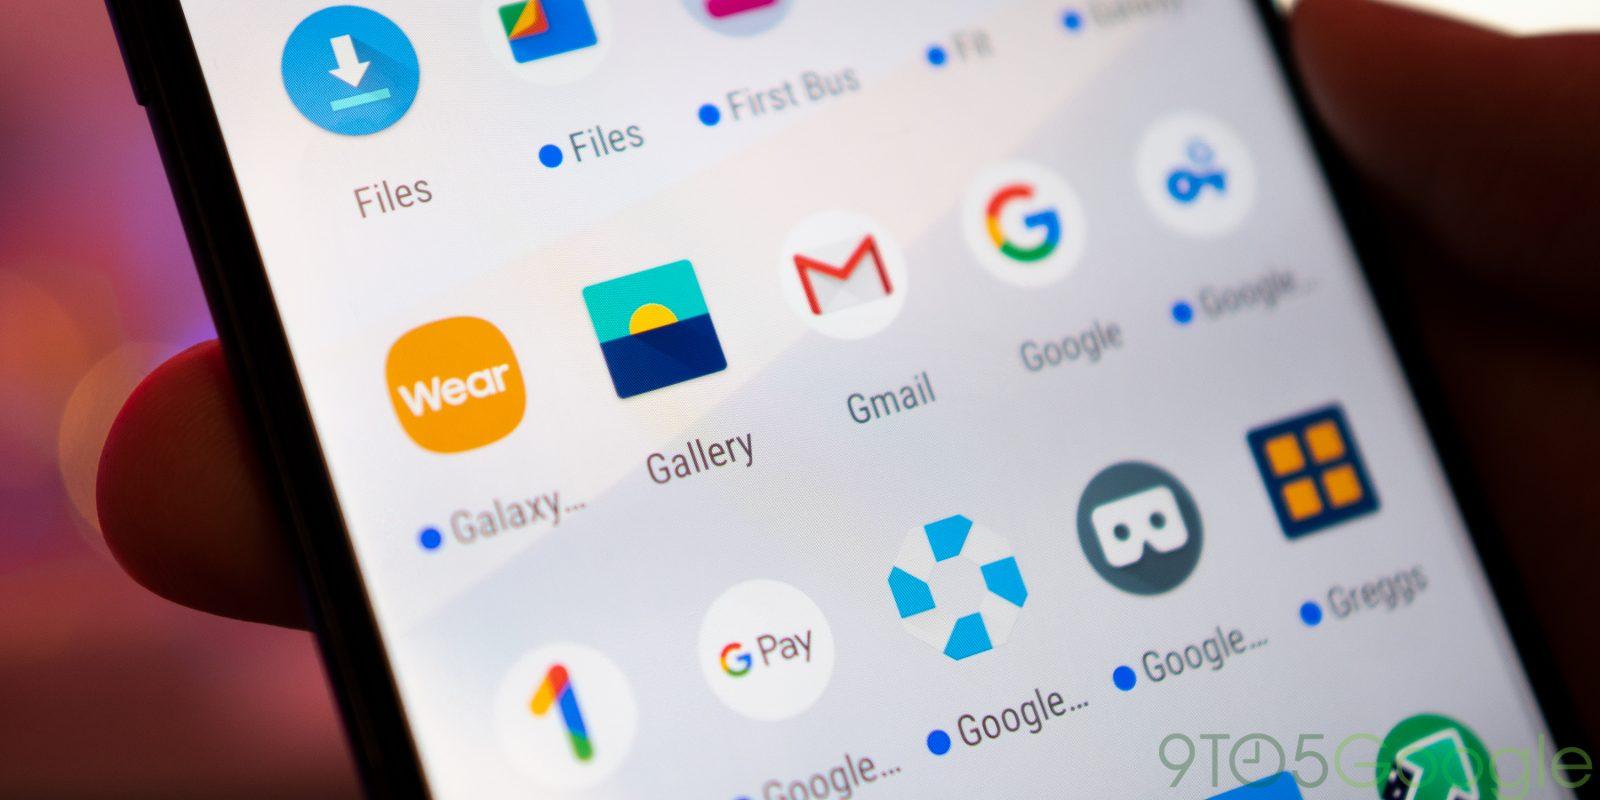 Utenti OnePlus a raccolta! Aperte le iscrizioni al programma beta per l'app Galleria